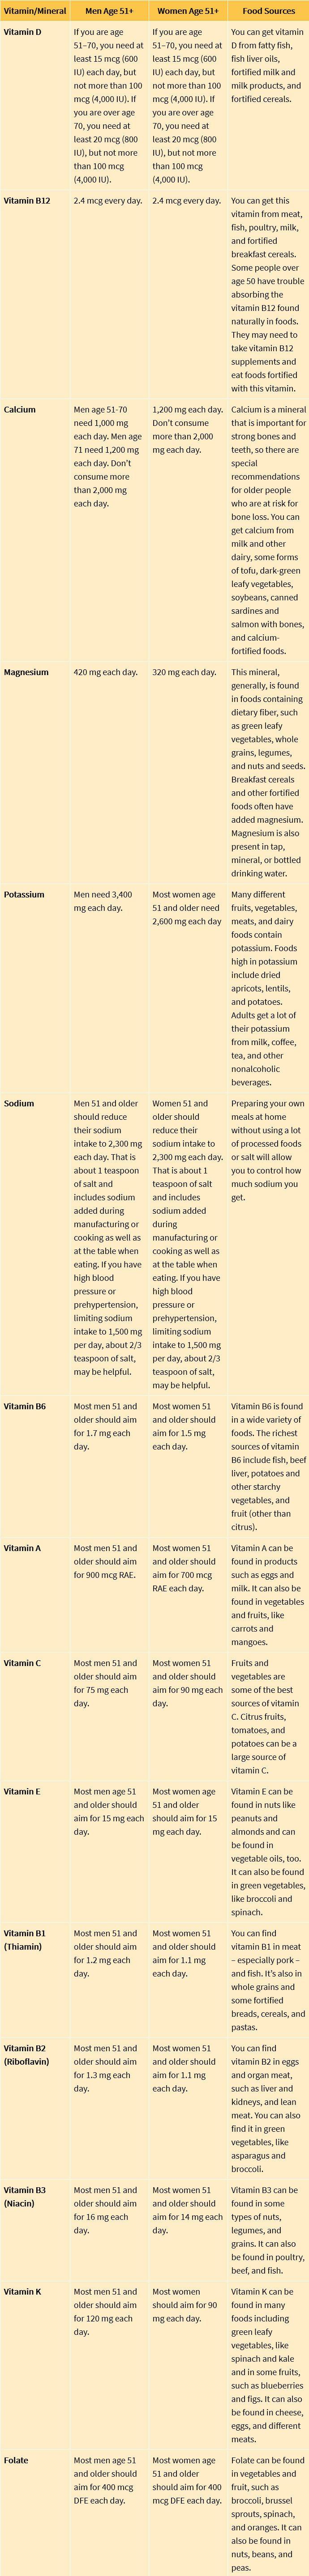 A graph describing vitamins and minerals.